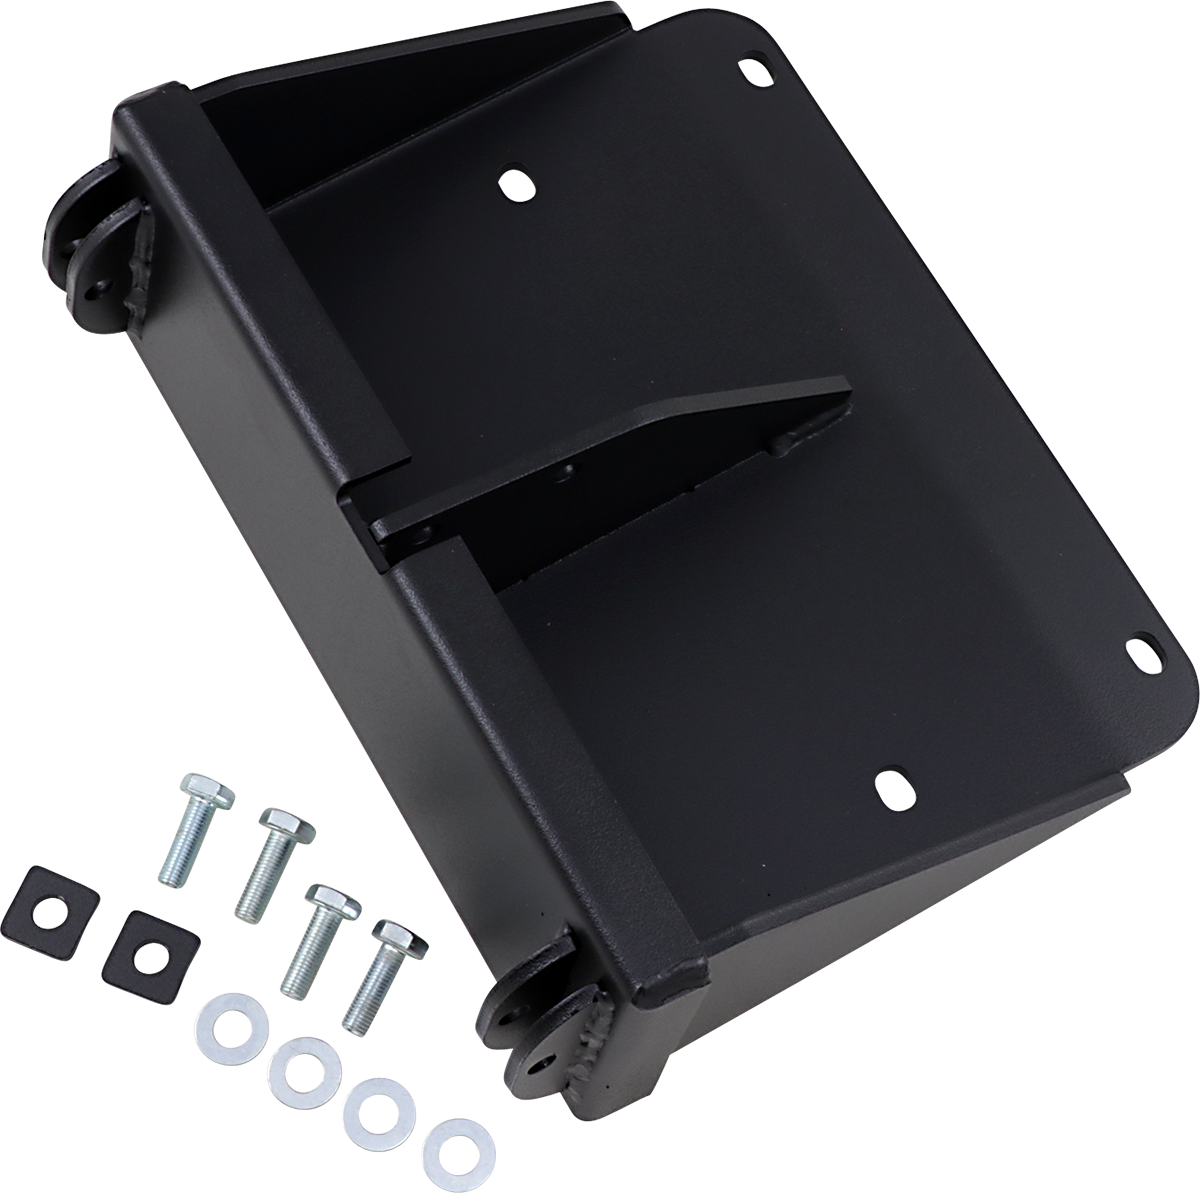 Moose Utility Black RM5 Snow Plow Mounting Plate 16-19 Honda Pioneer 1000